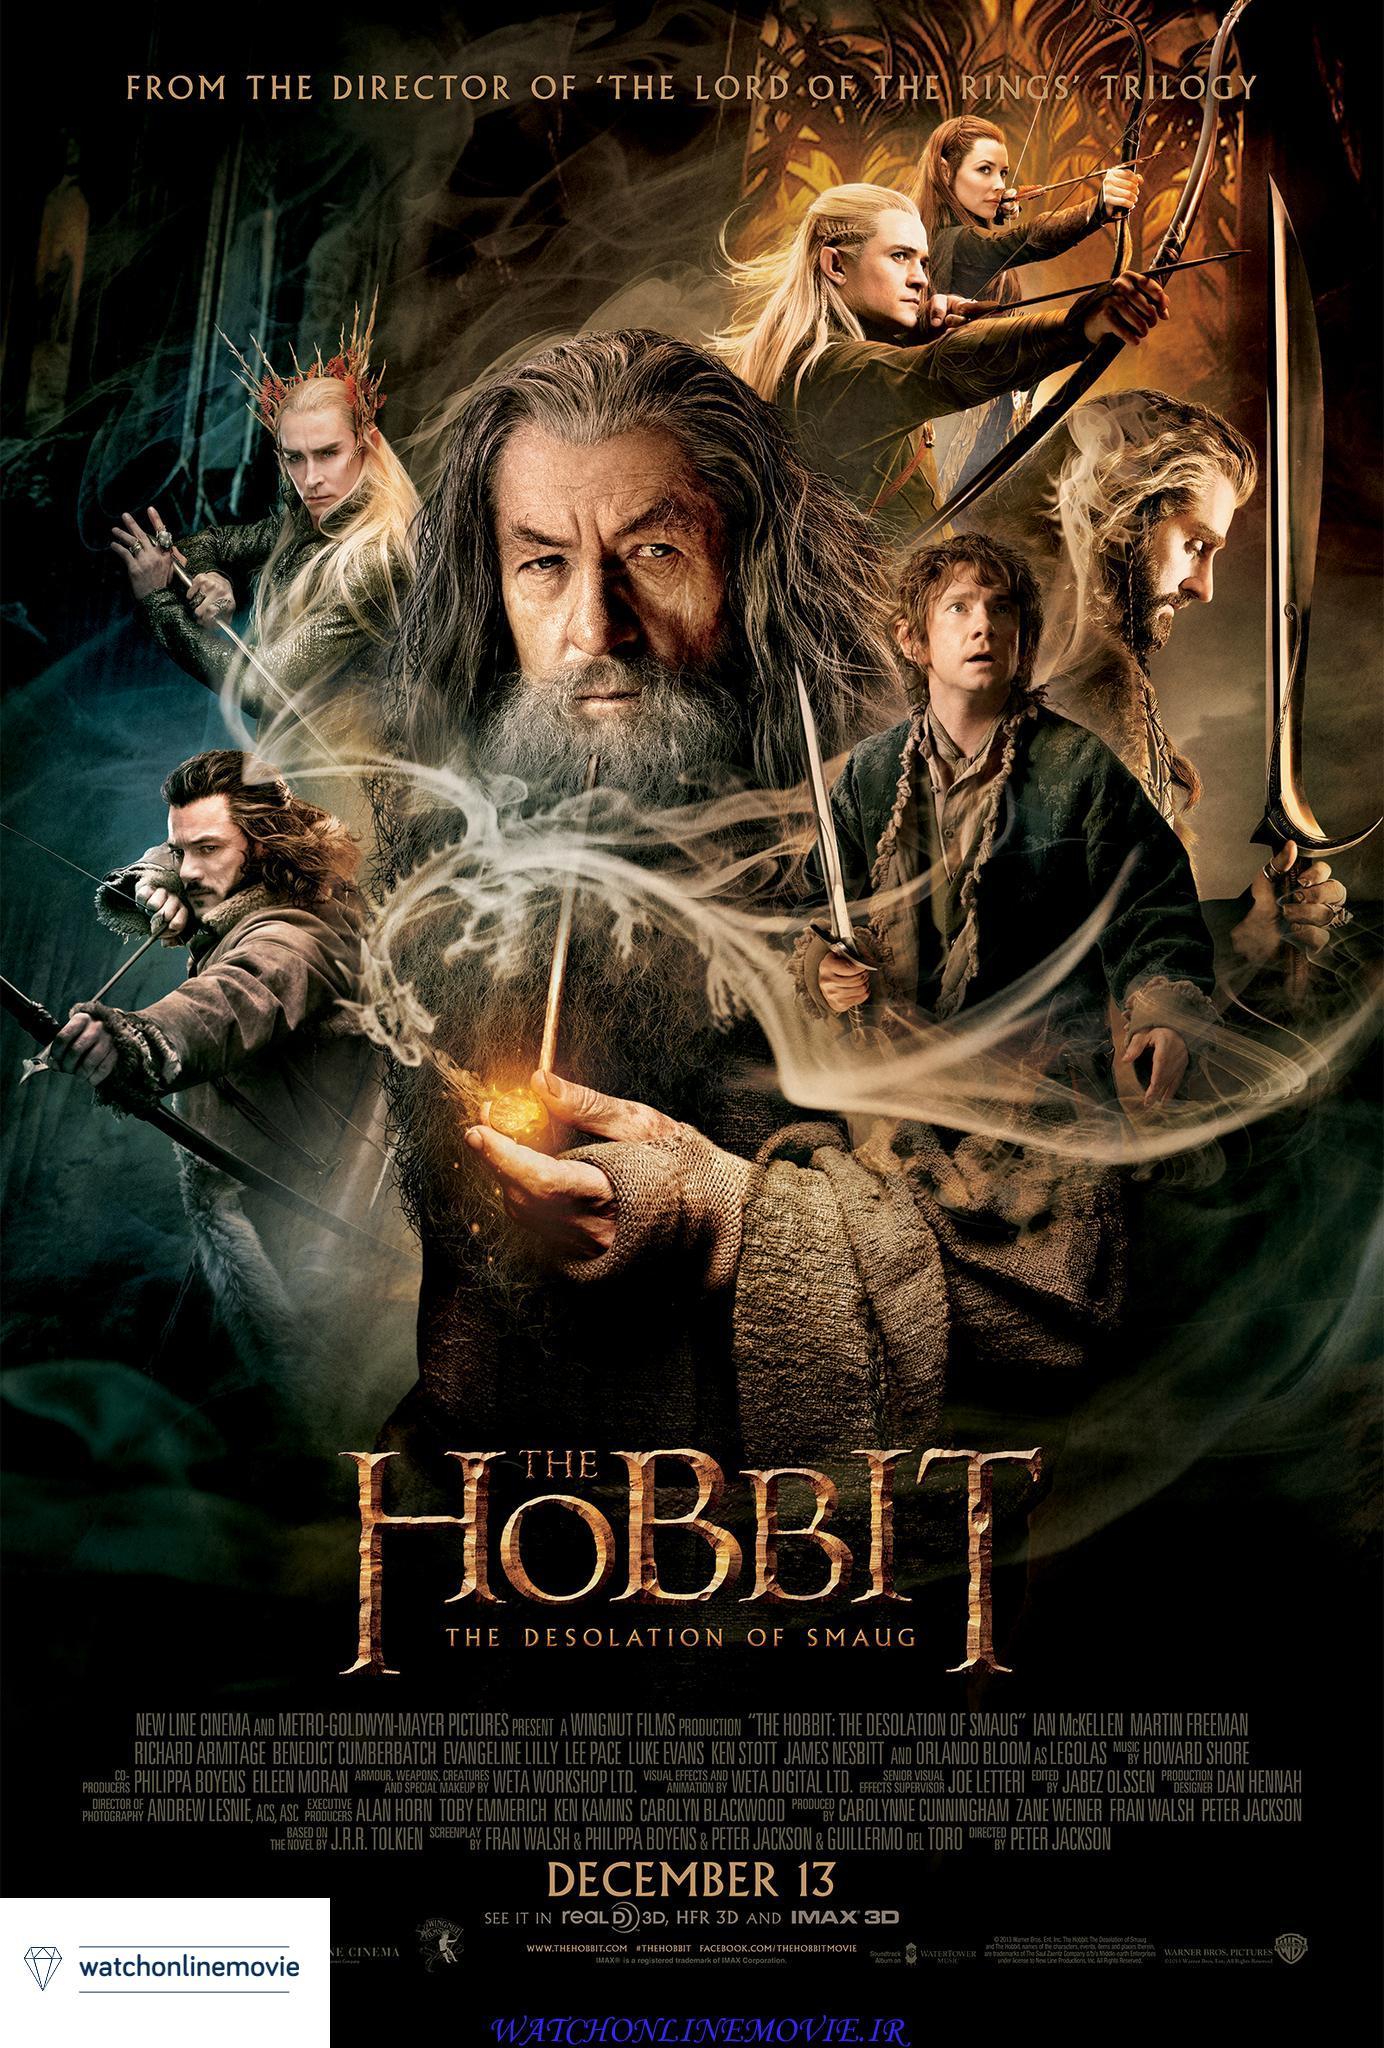 فیلم سینمایی هابیت : برهوت اسماگ (هابیت 2) The Hobbit 2 The Desolation of Smaug 2013+زیرنویس فارسی